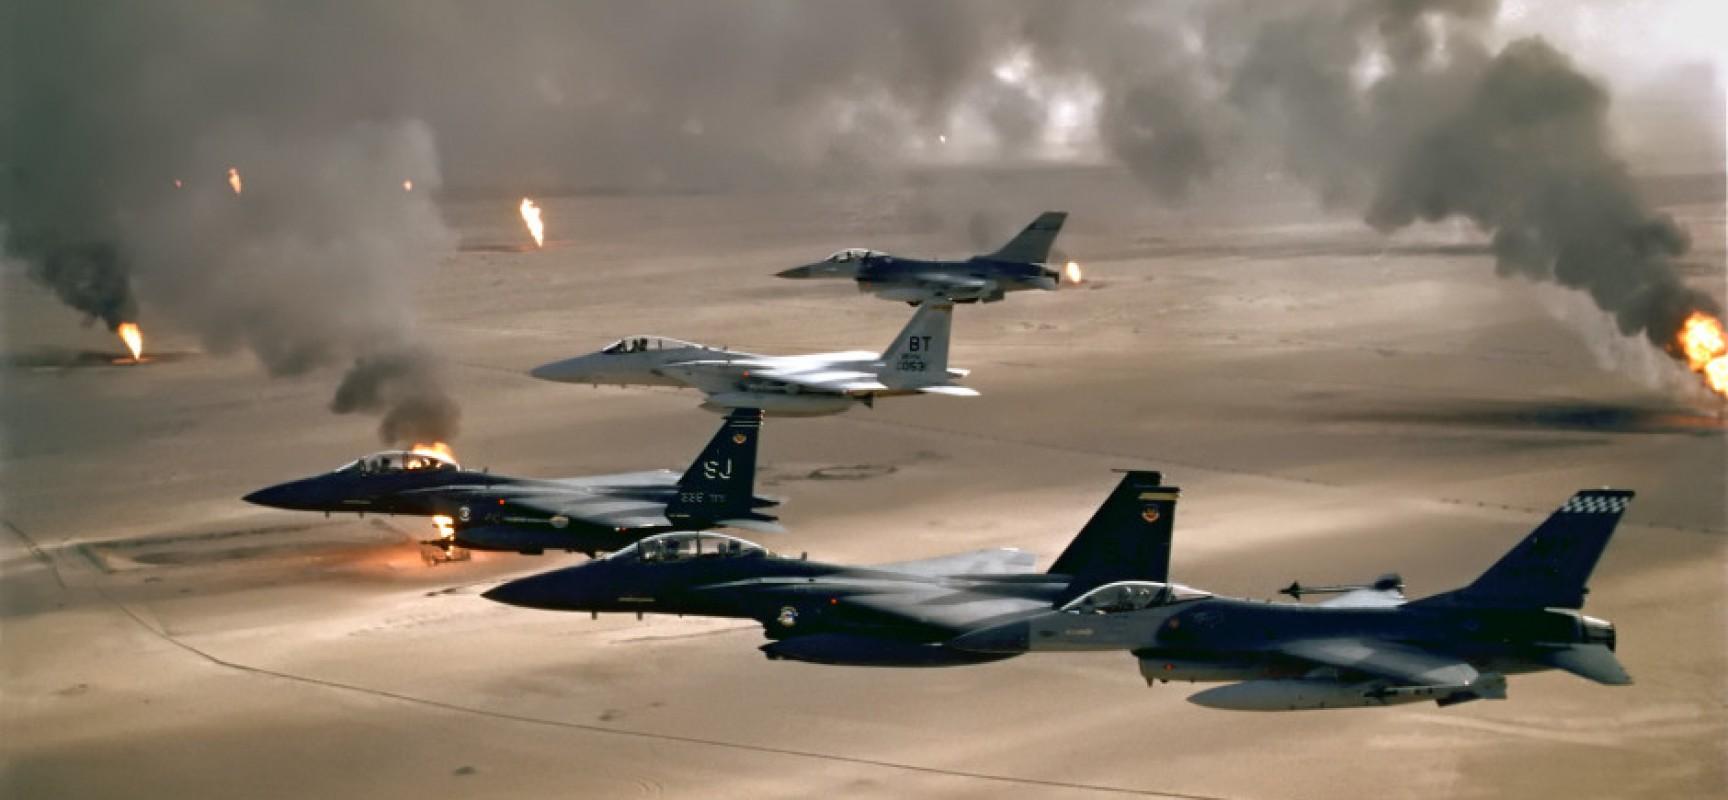 Vers la 3éme guerre mondiale Airforce-wallpapers-7-940x598-1728x800_c